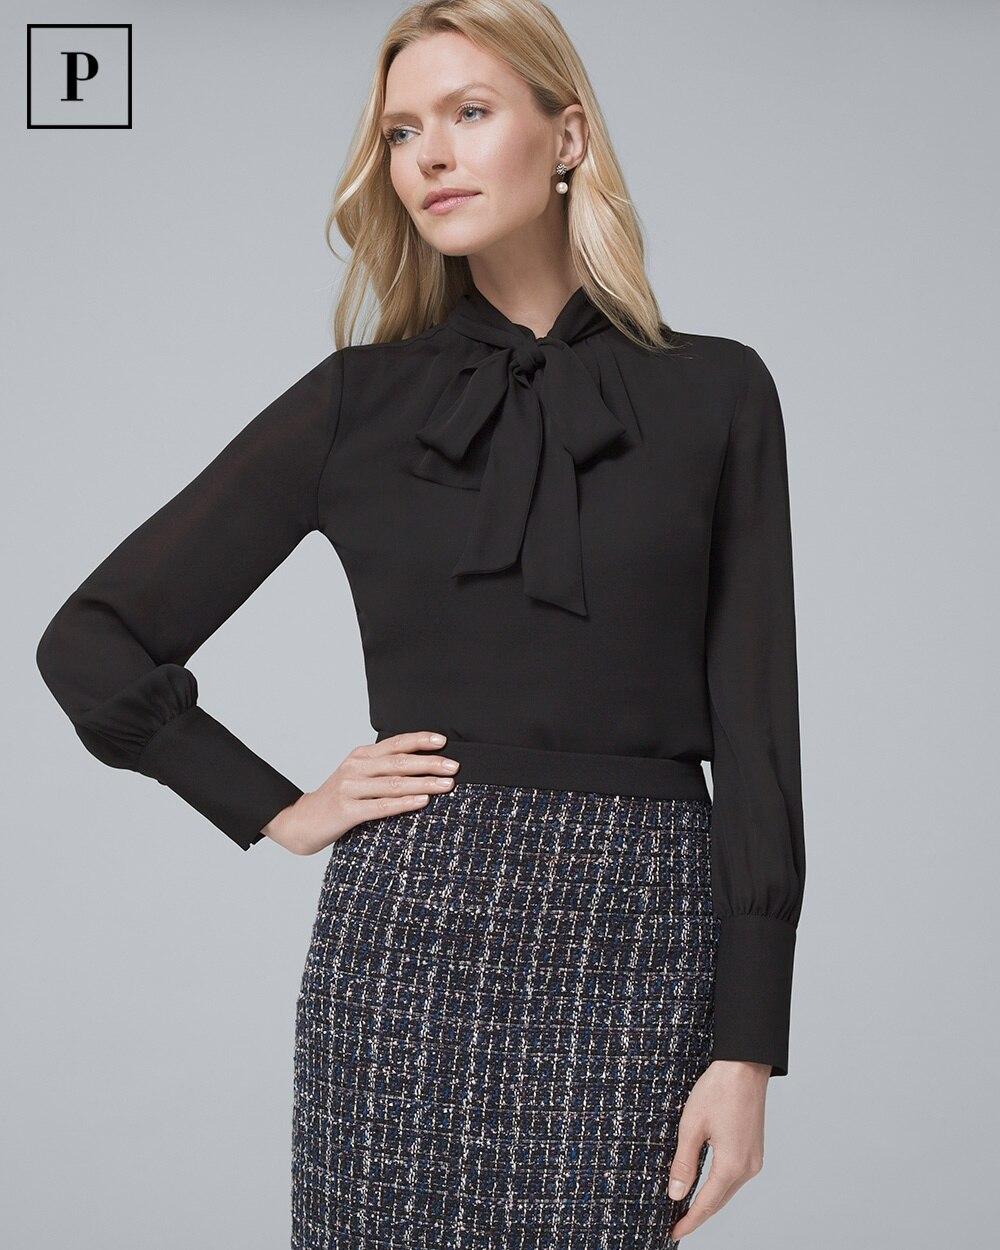 430191f38020c Shop Petite Tops For Women - Blouses